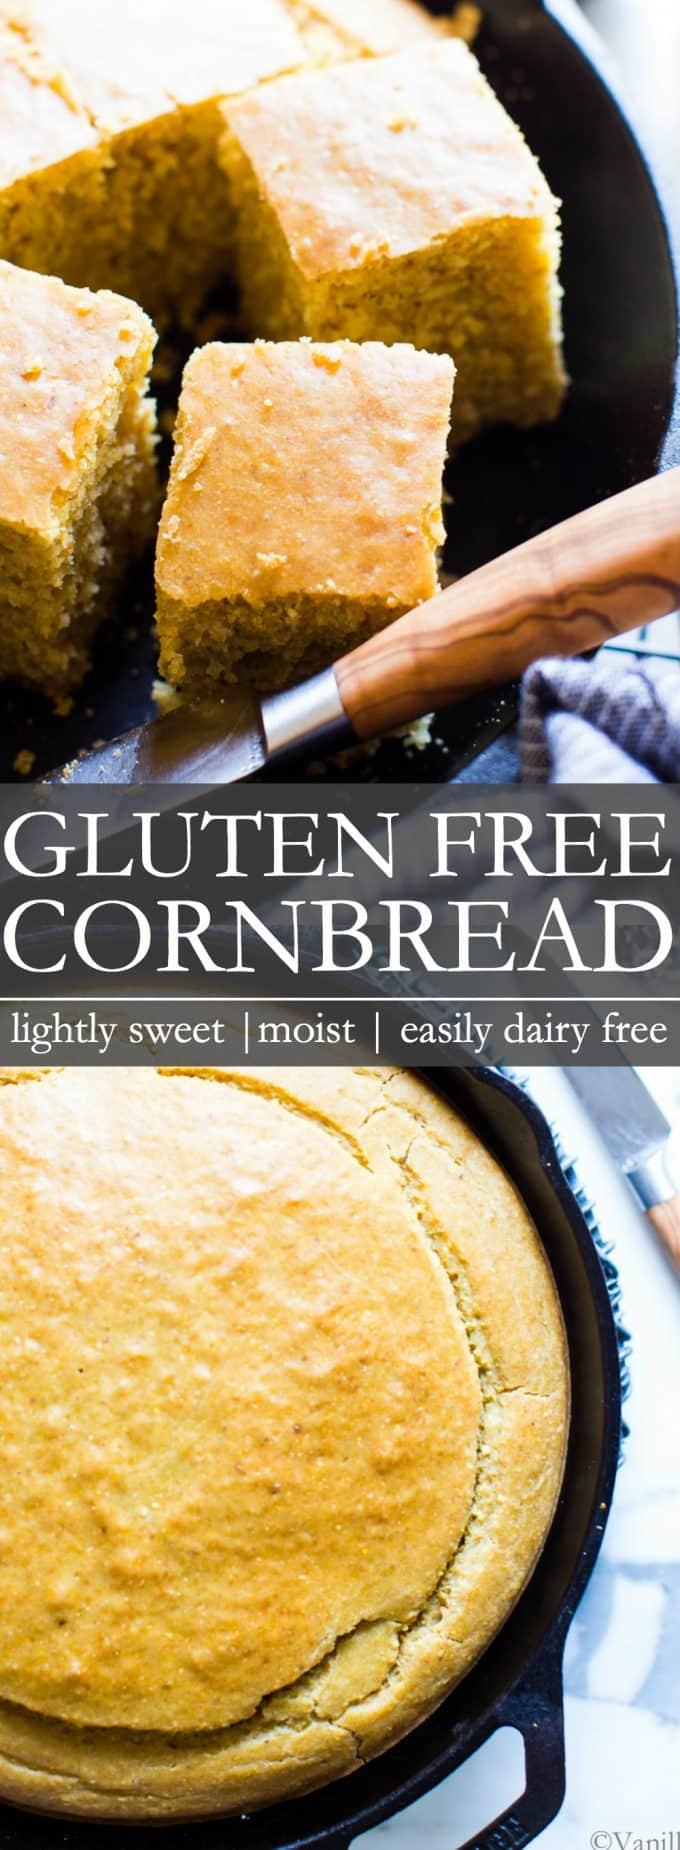 gf cornbread recipe